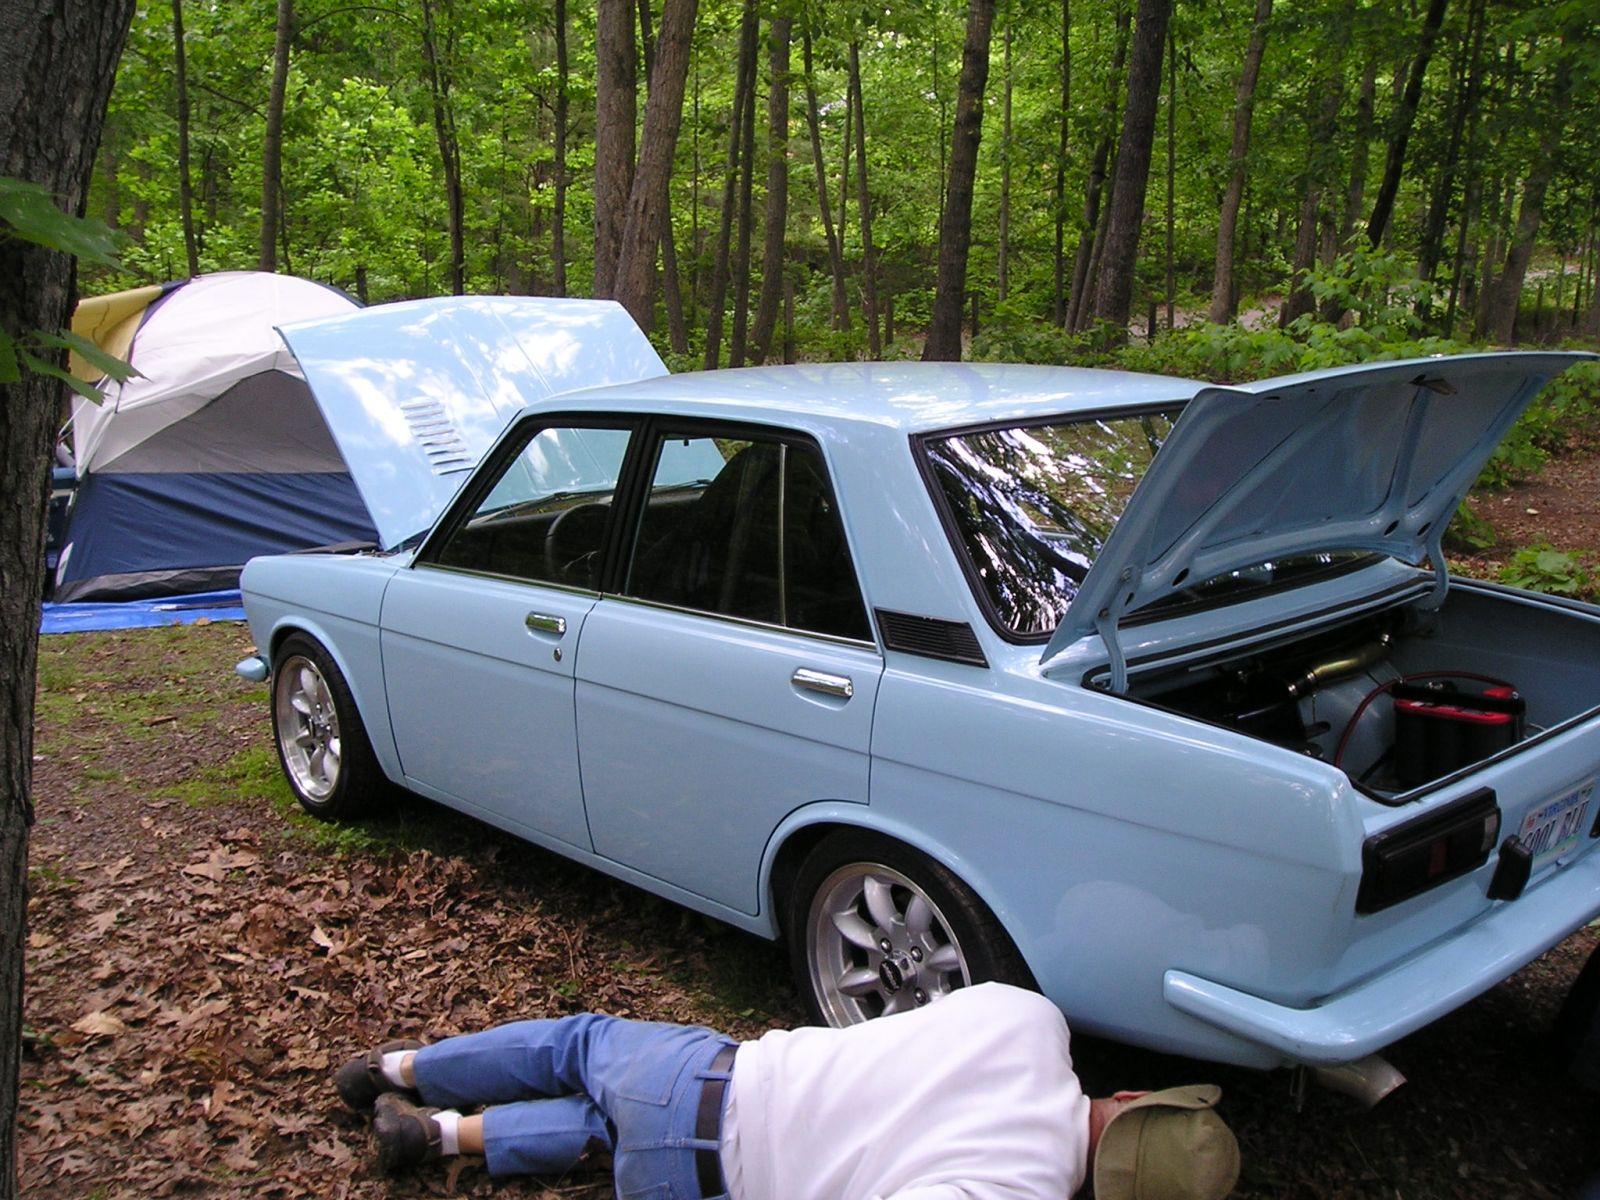 Brian Osborn's New Turbo Car - Turbo Toms old car